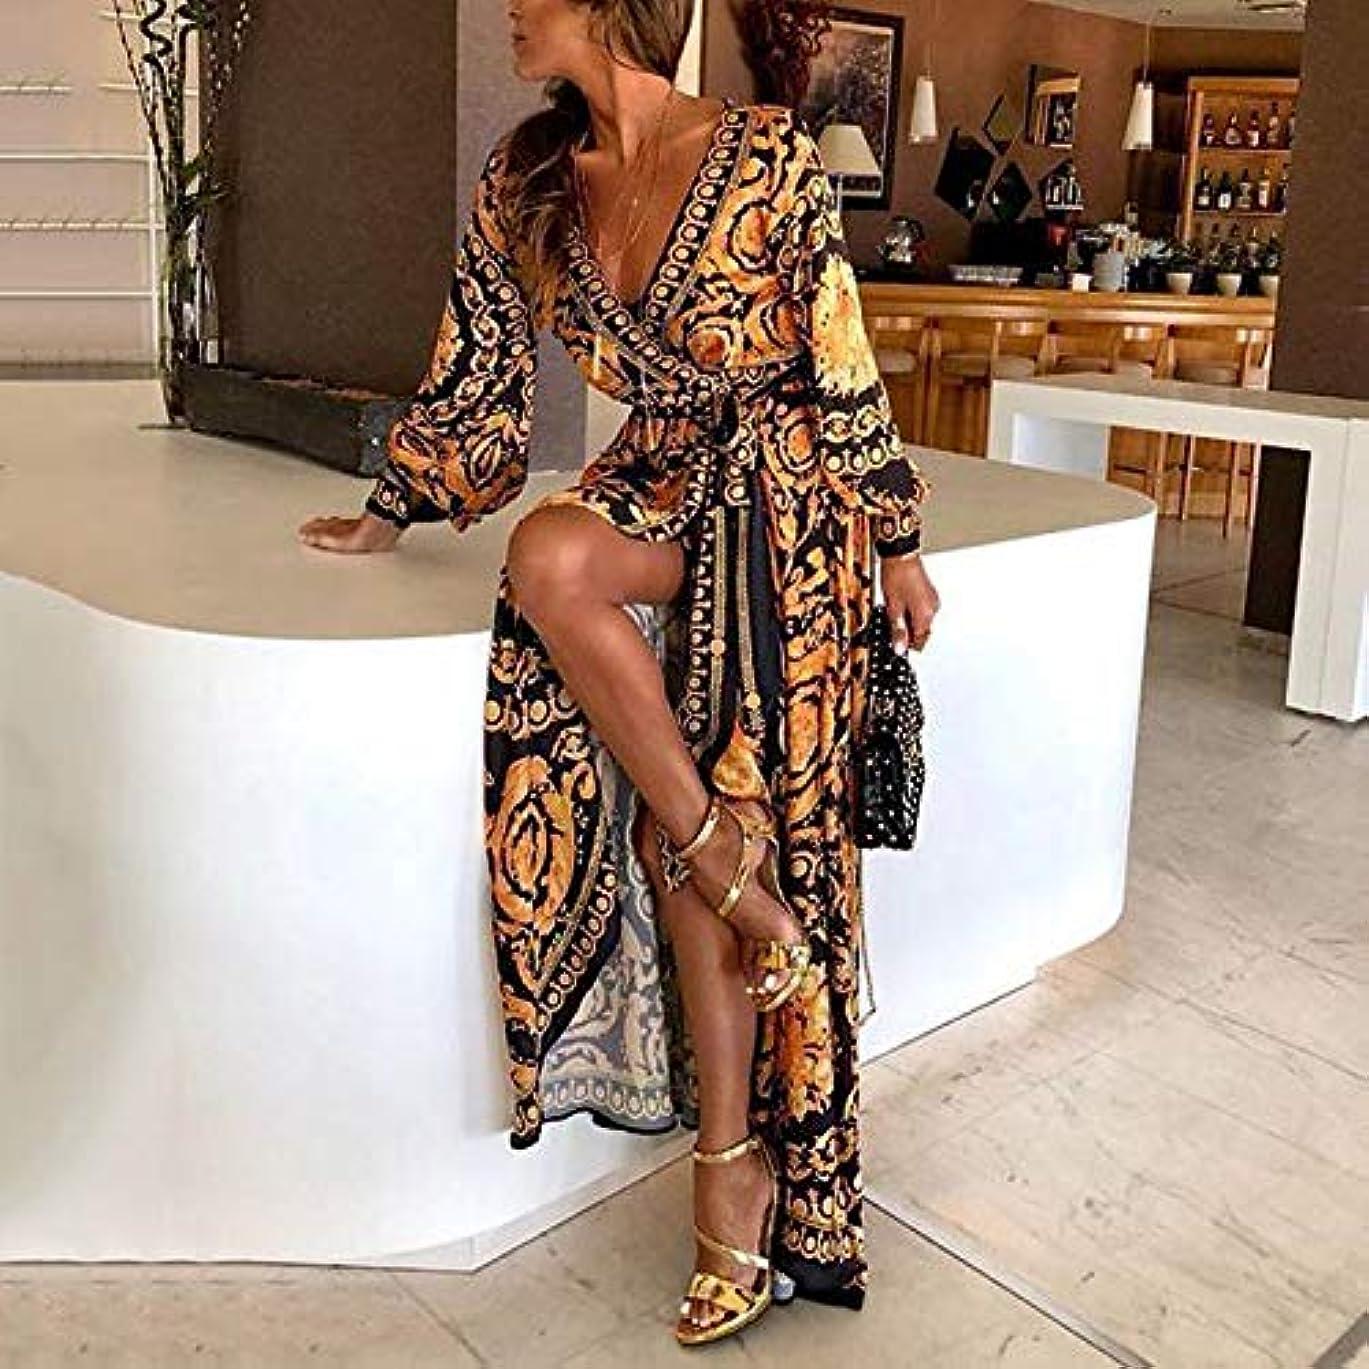 保険をかける目を覚ますローマ人Onderroa - ファッションエレガントな女性のセクシーなボートネックグリッターディープVネックドレスパーティーフォーマルロングドレスを印刷